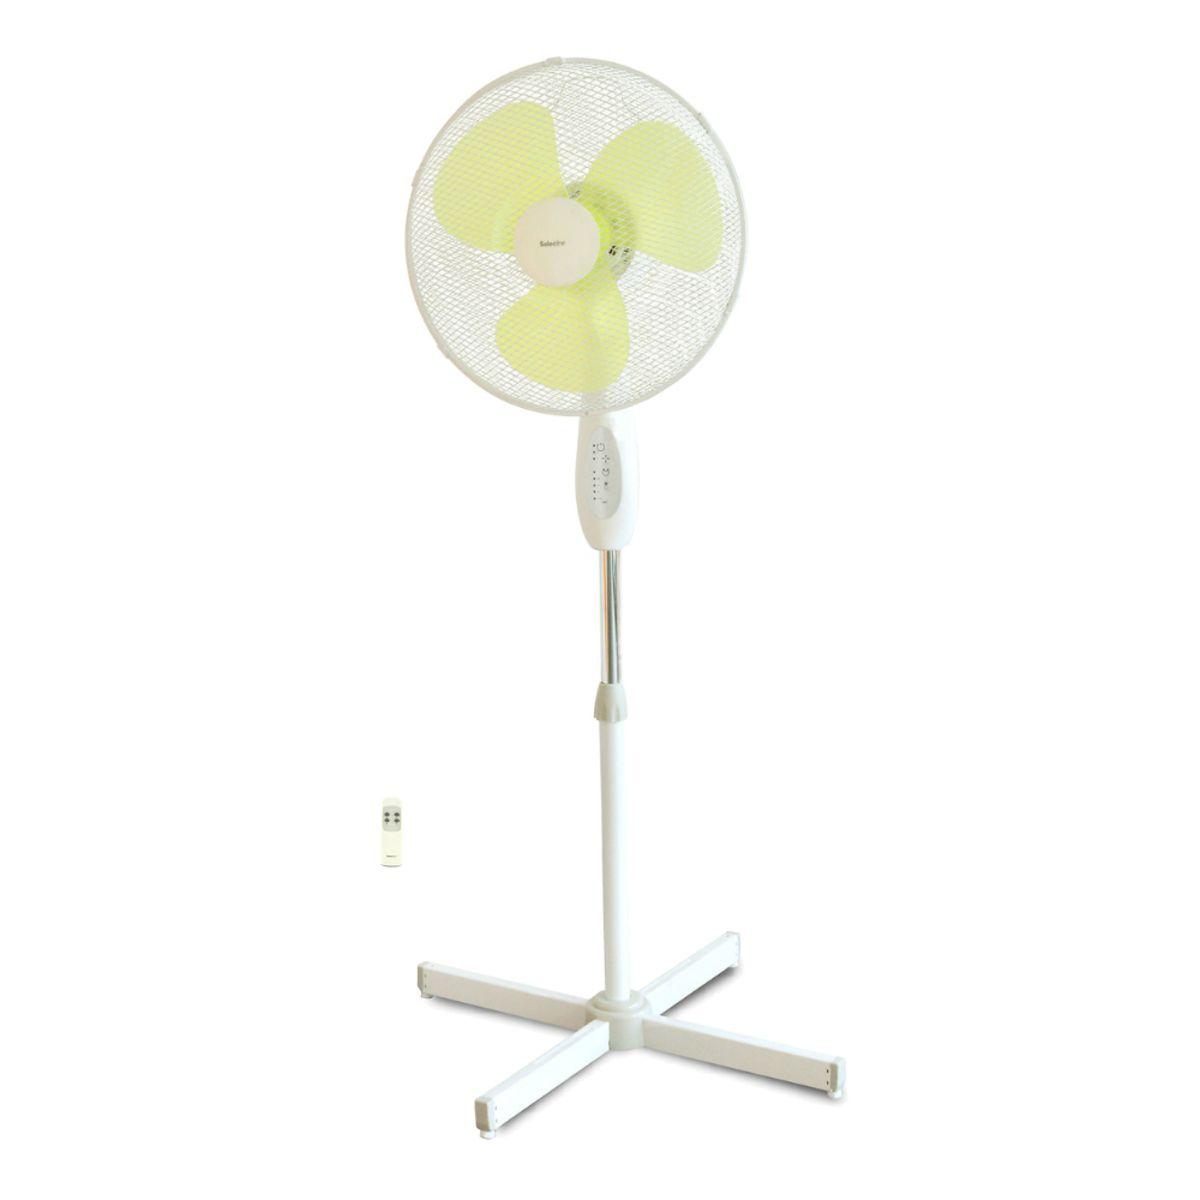 Ventilateur sur pied 888290 - 45 W